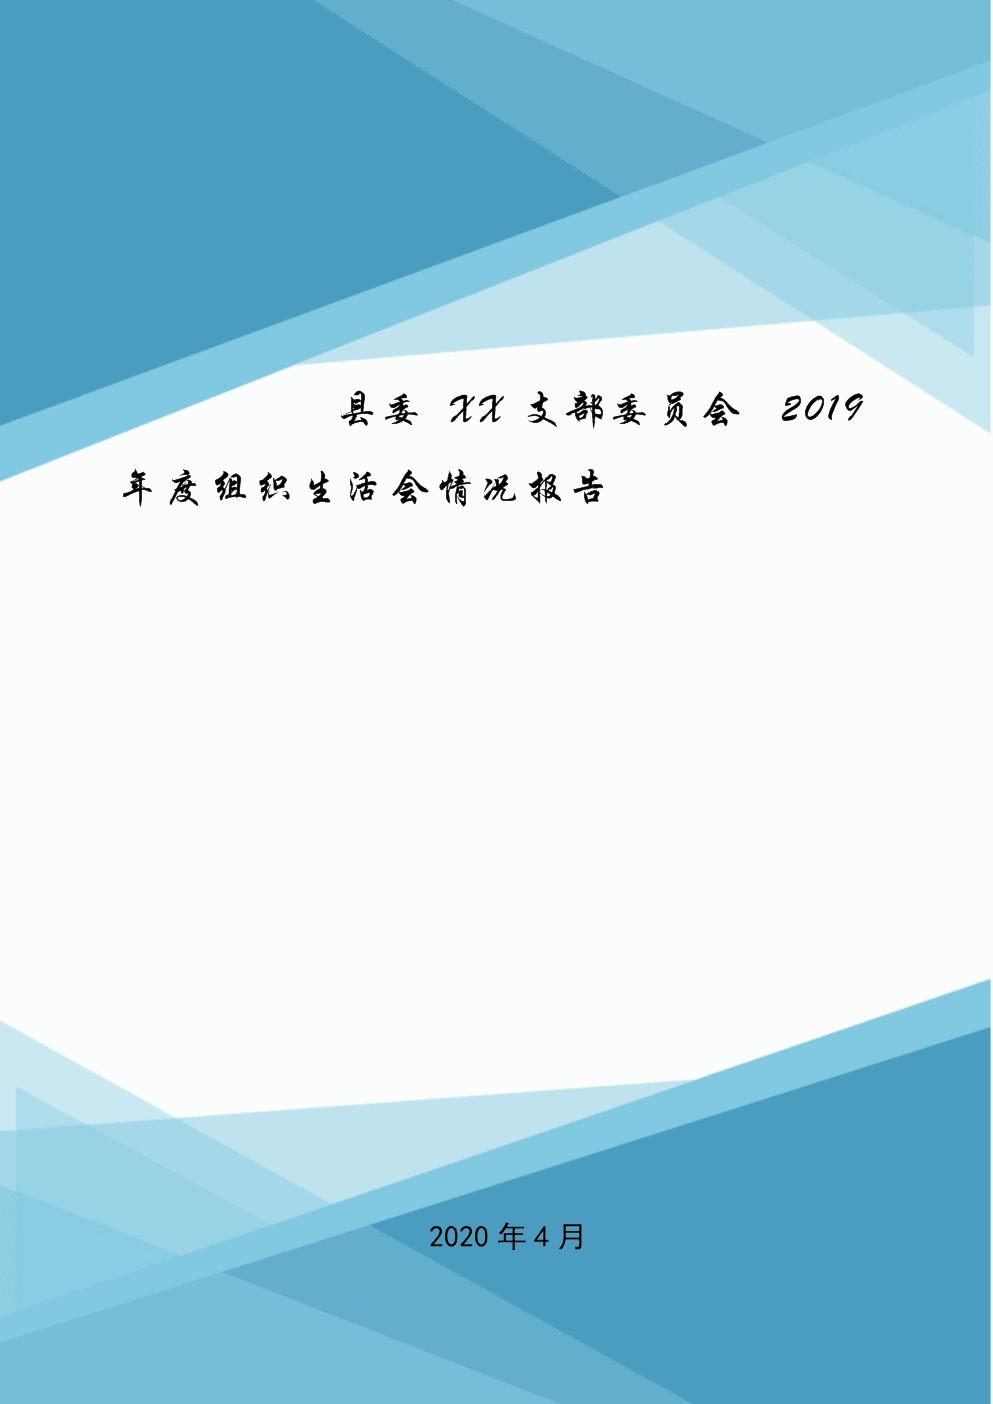 县委XX支部委员会2019年度组织生活会情况报告.doc